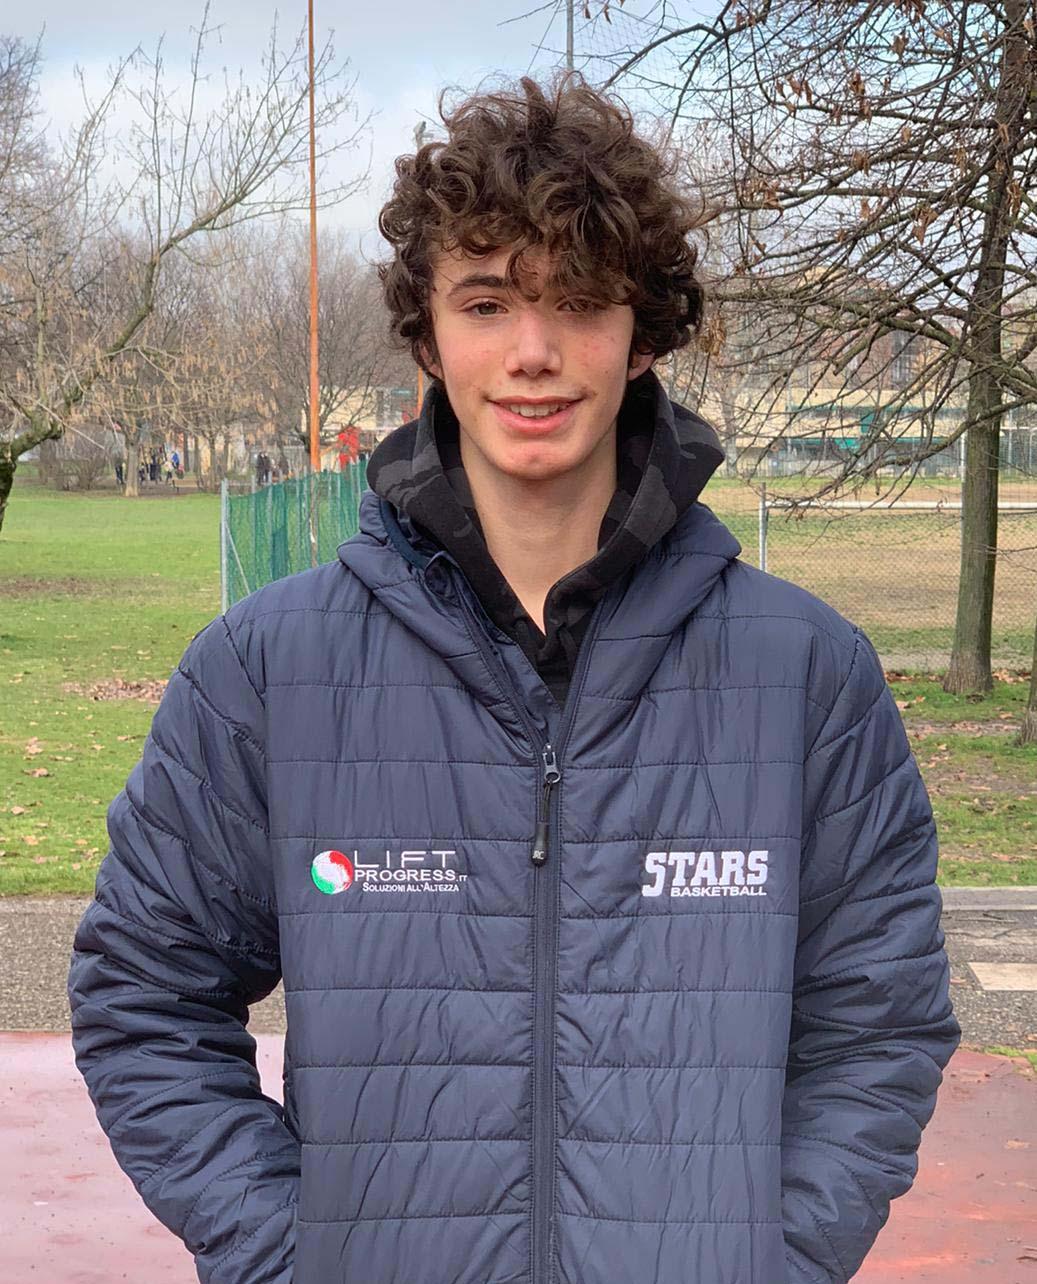 Di Stasi Ludovico - Under 15